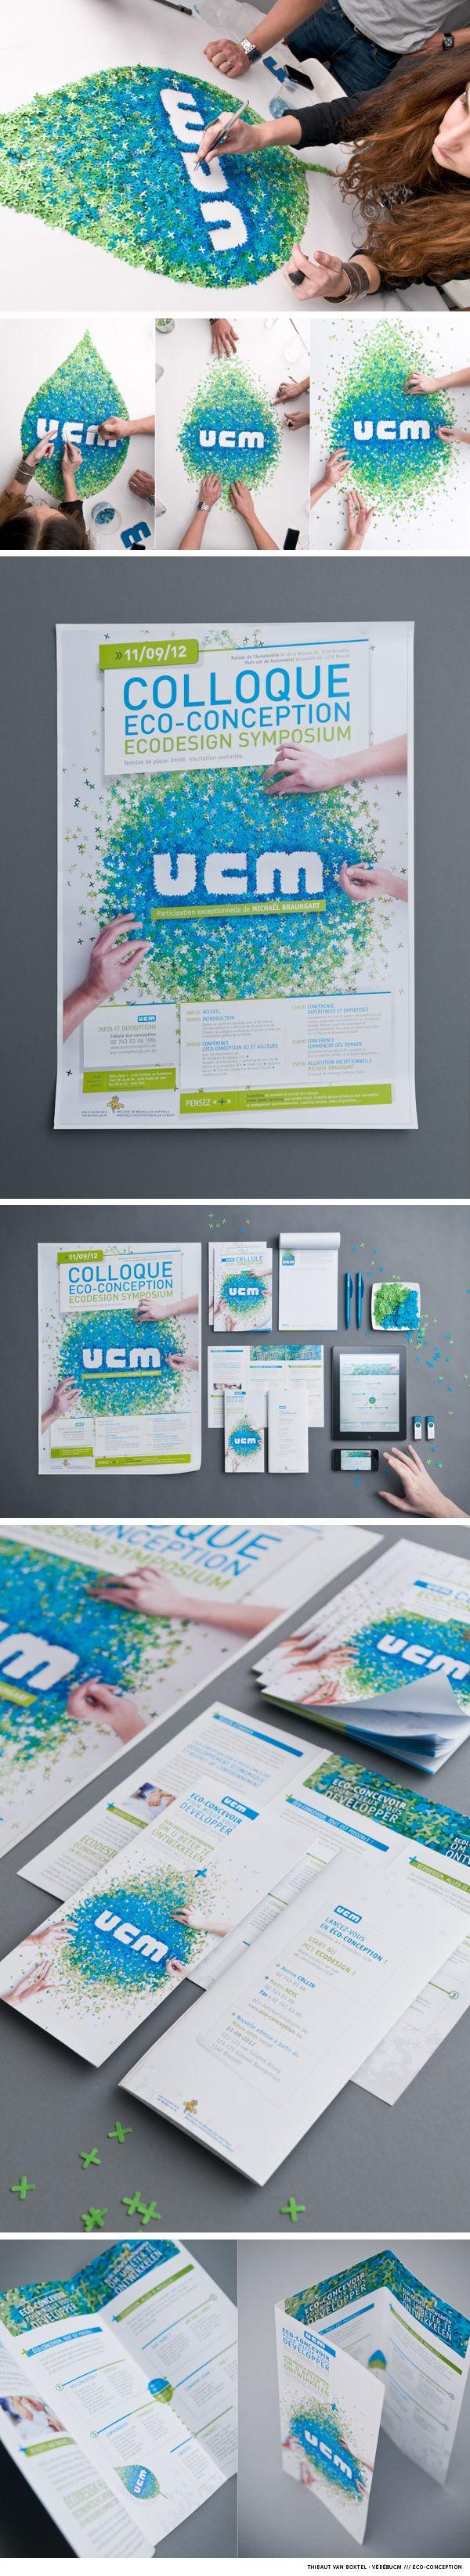 Via Behance  Thibaut van Boxtel - Vébé→UCM /// Eco-conception